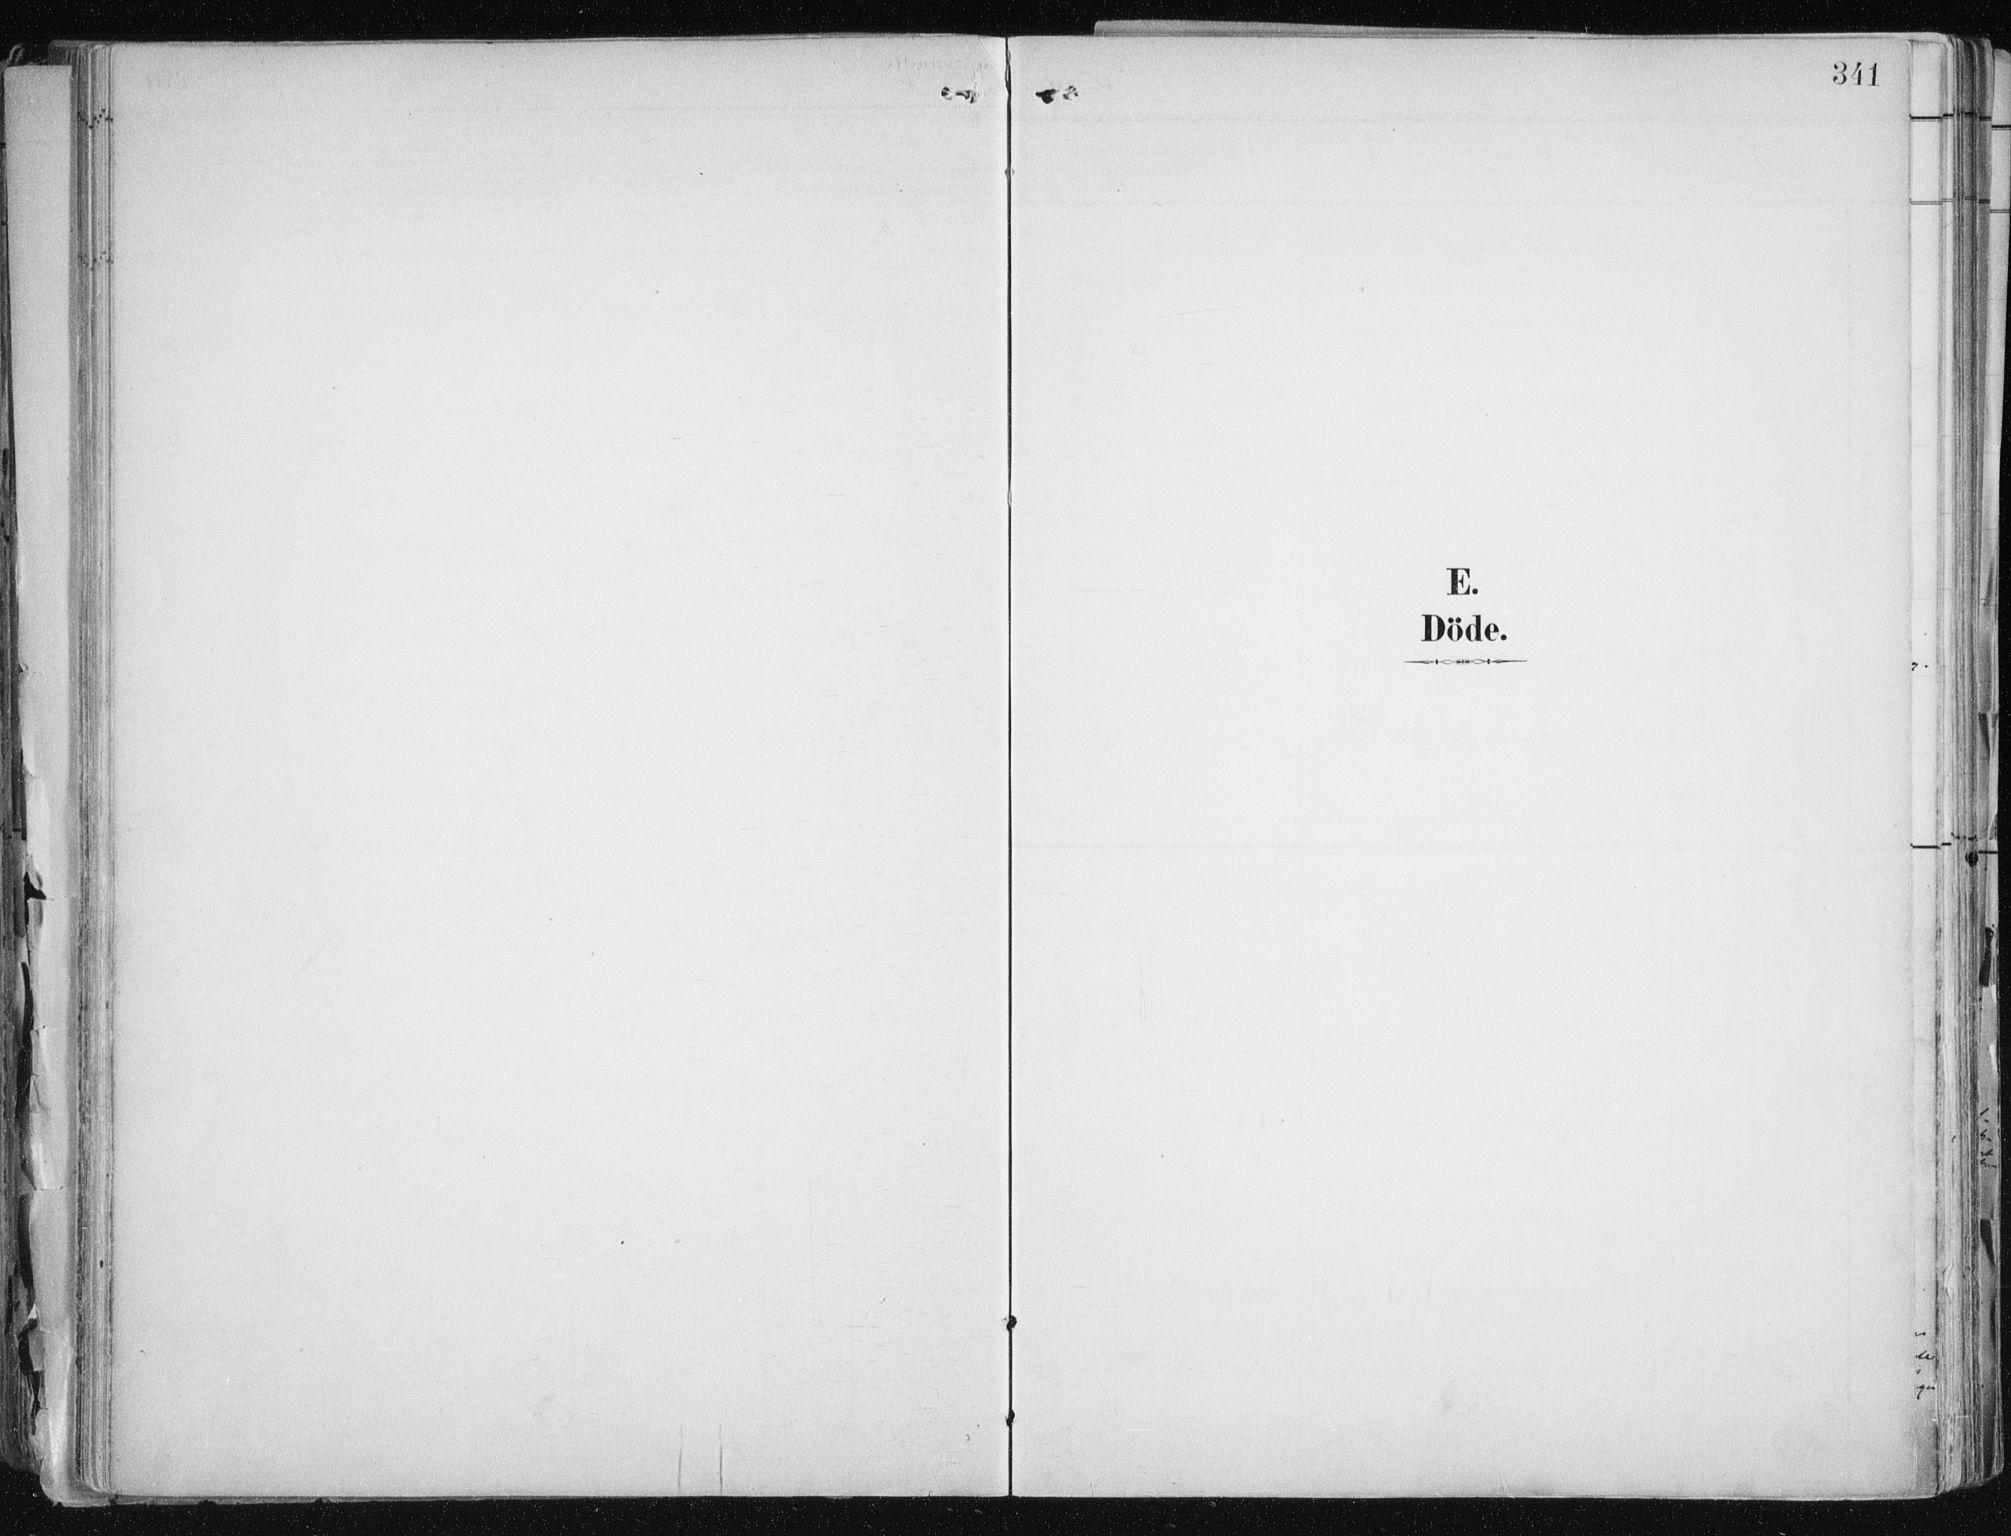 SATØ, Tromsø sokneprestkontor/stiftsprosti/domprosti, G/Ga/L0015kirke: Ministerialbok nr. 15, 1889-1899, s. 341